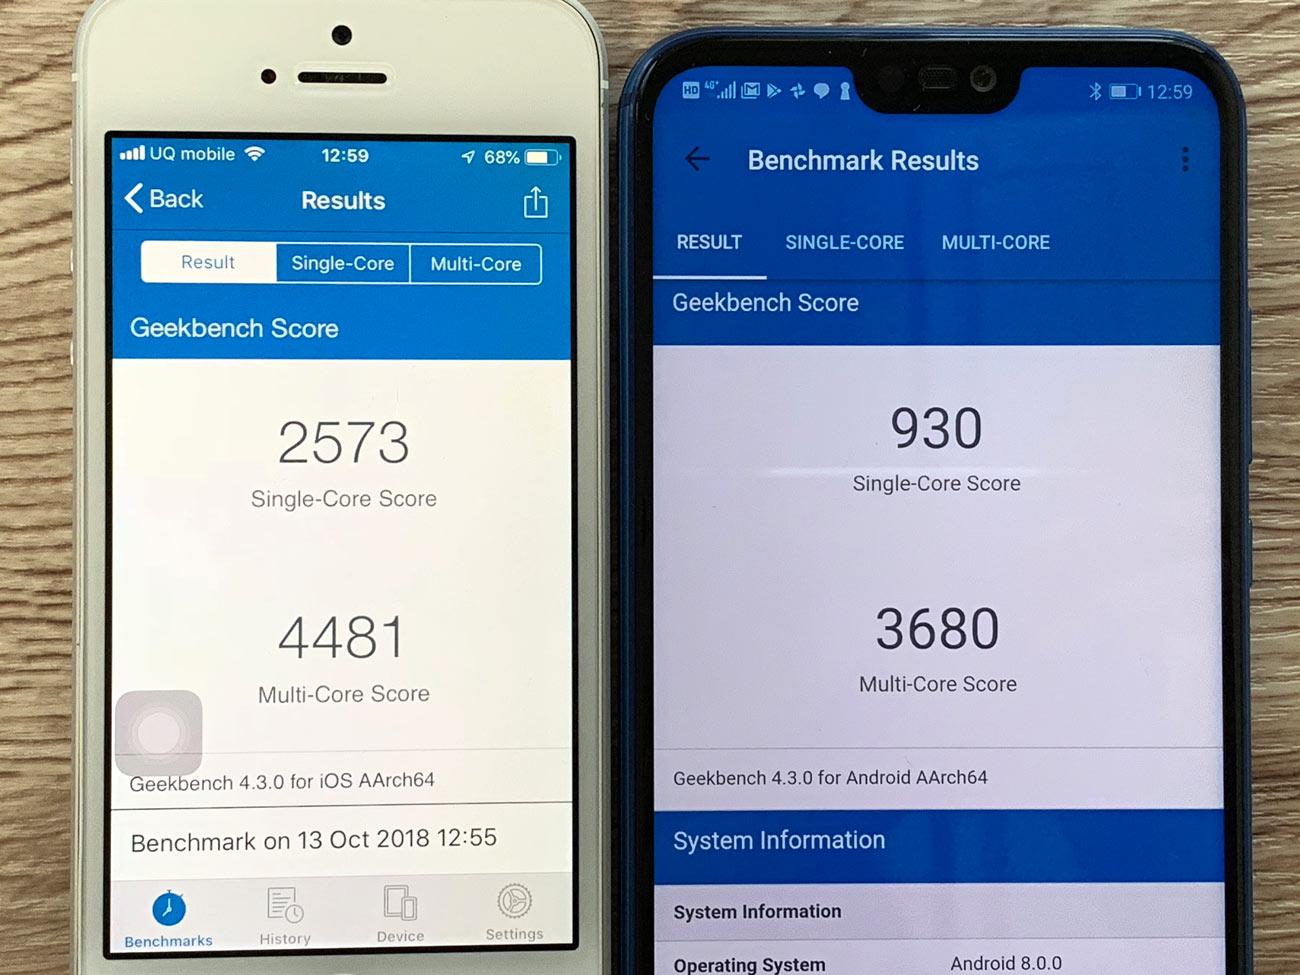 iPhone SEとP20 Lite CPUの性能差